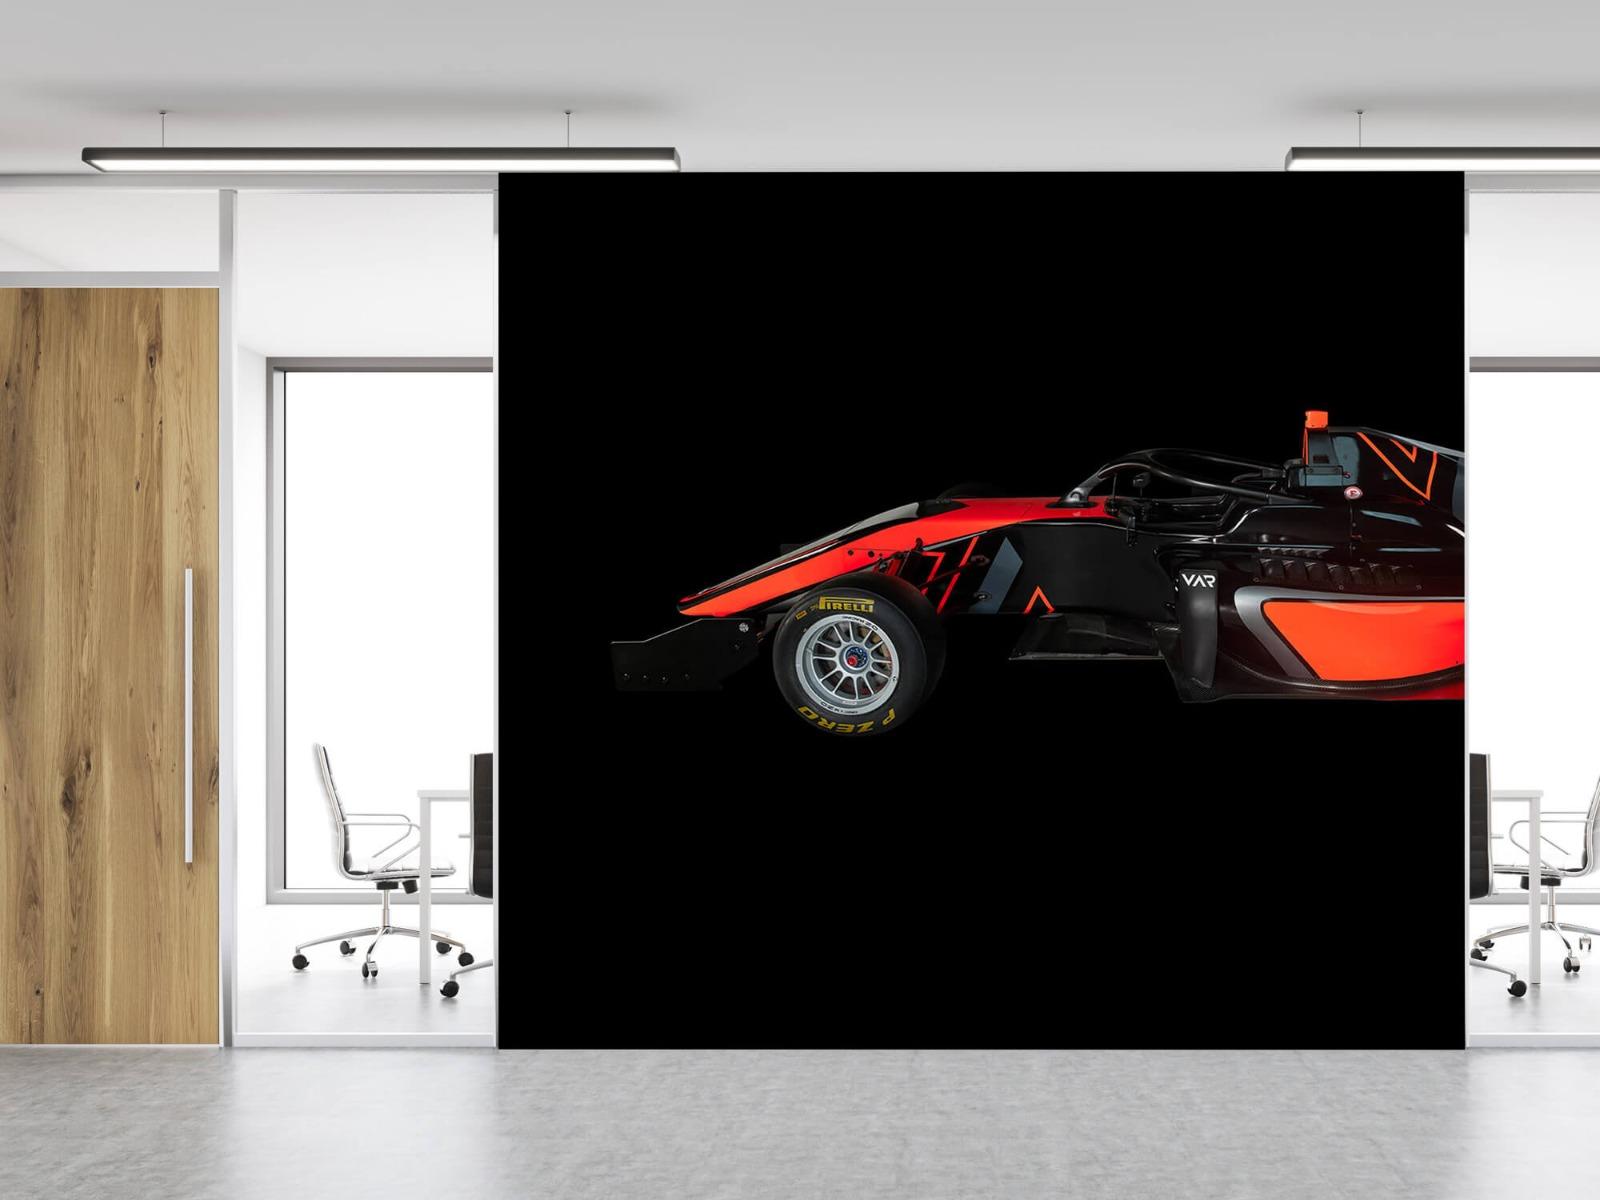 Sportauto's - Formula 3 - Side view - dark - Garage 12